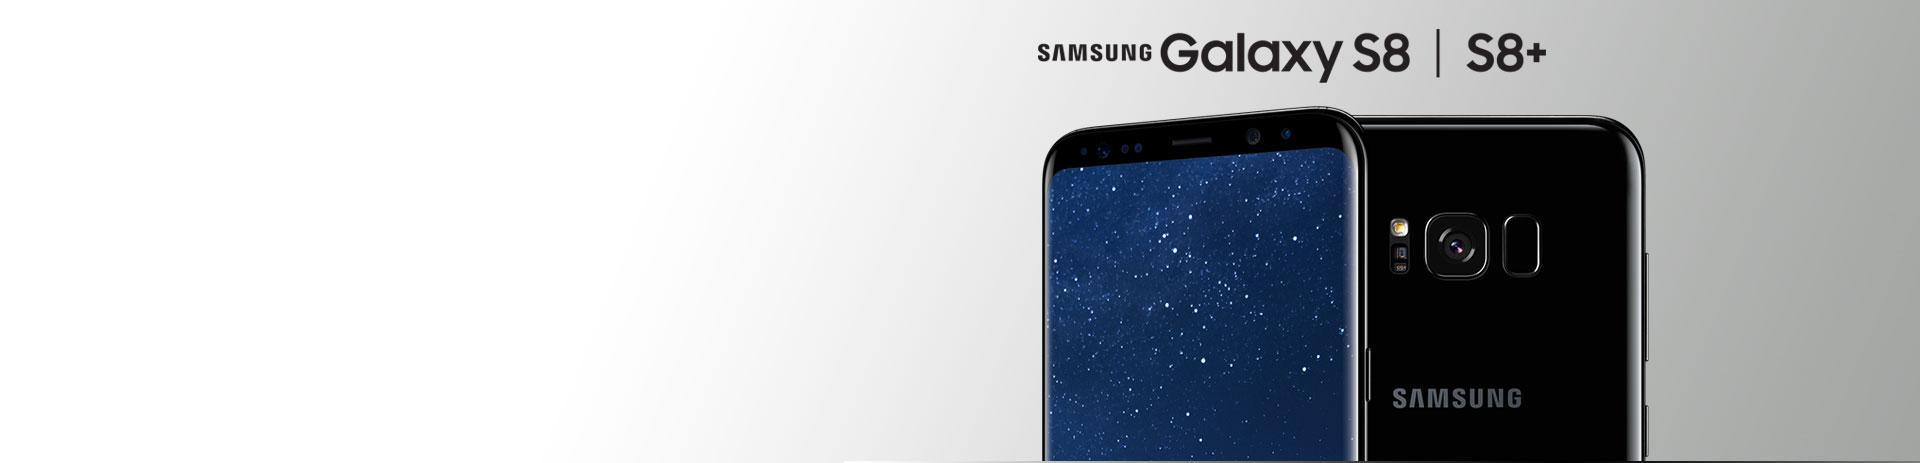 Samsung Galaxy S8 und S8+ bei A1 vorbestellen